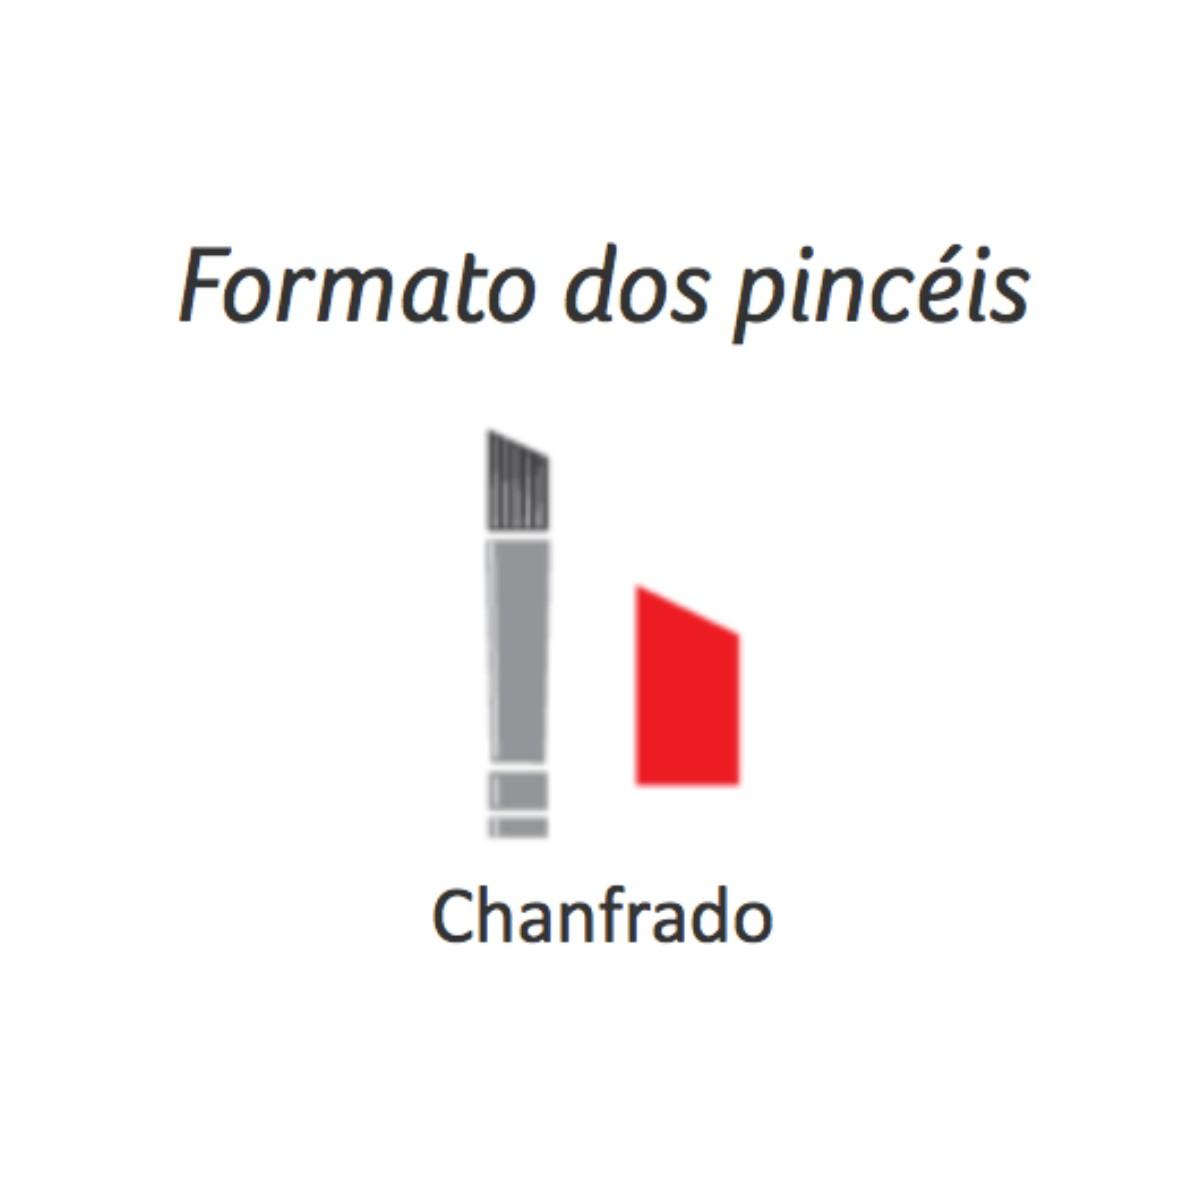 Pincel Chanfrado Filamento Sintético Condor Ref. 287 20